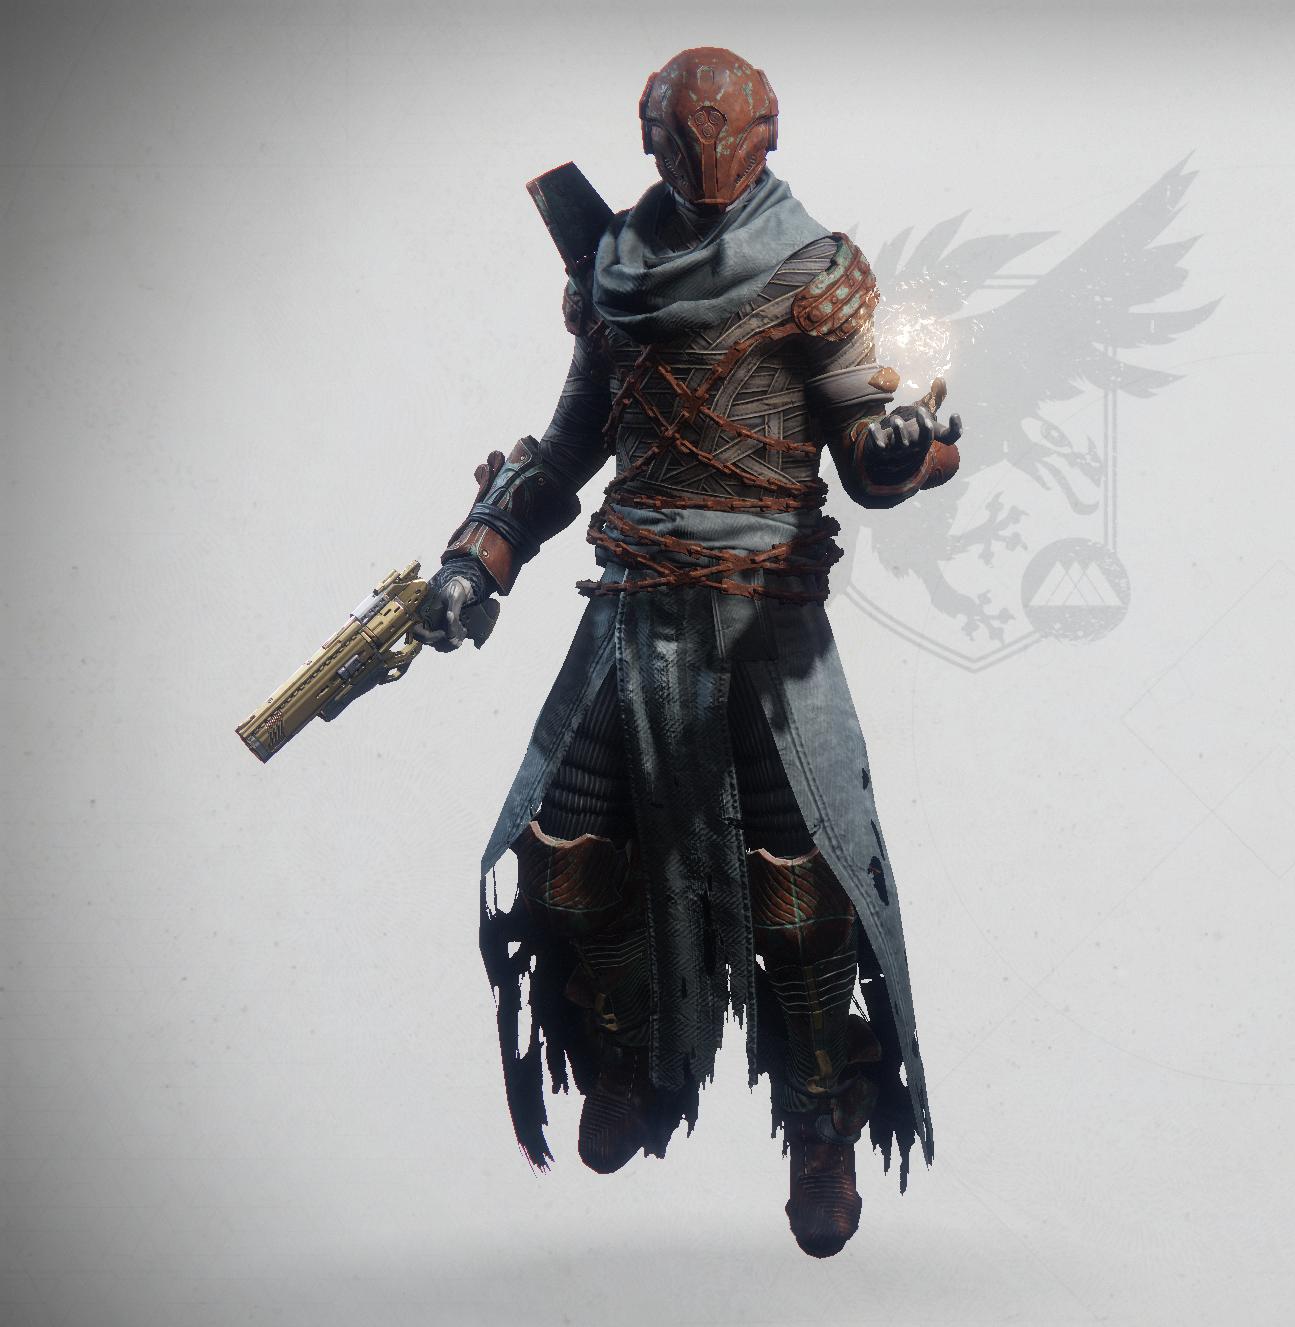 Rusty Warlock Character Design Samurai Gear Samurai